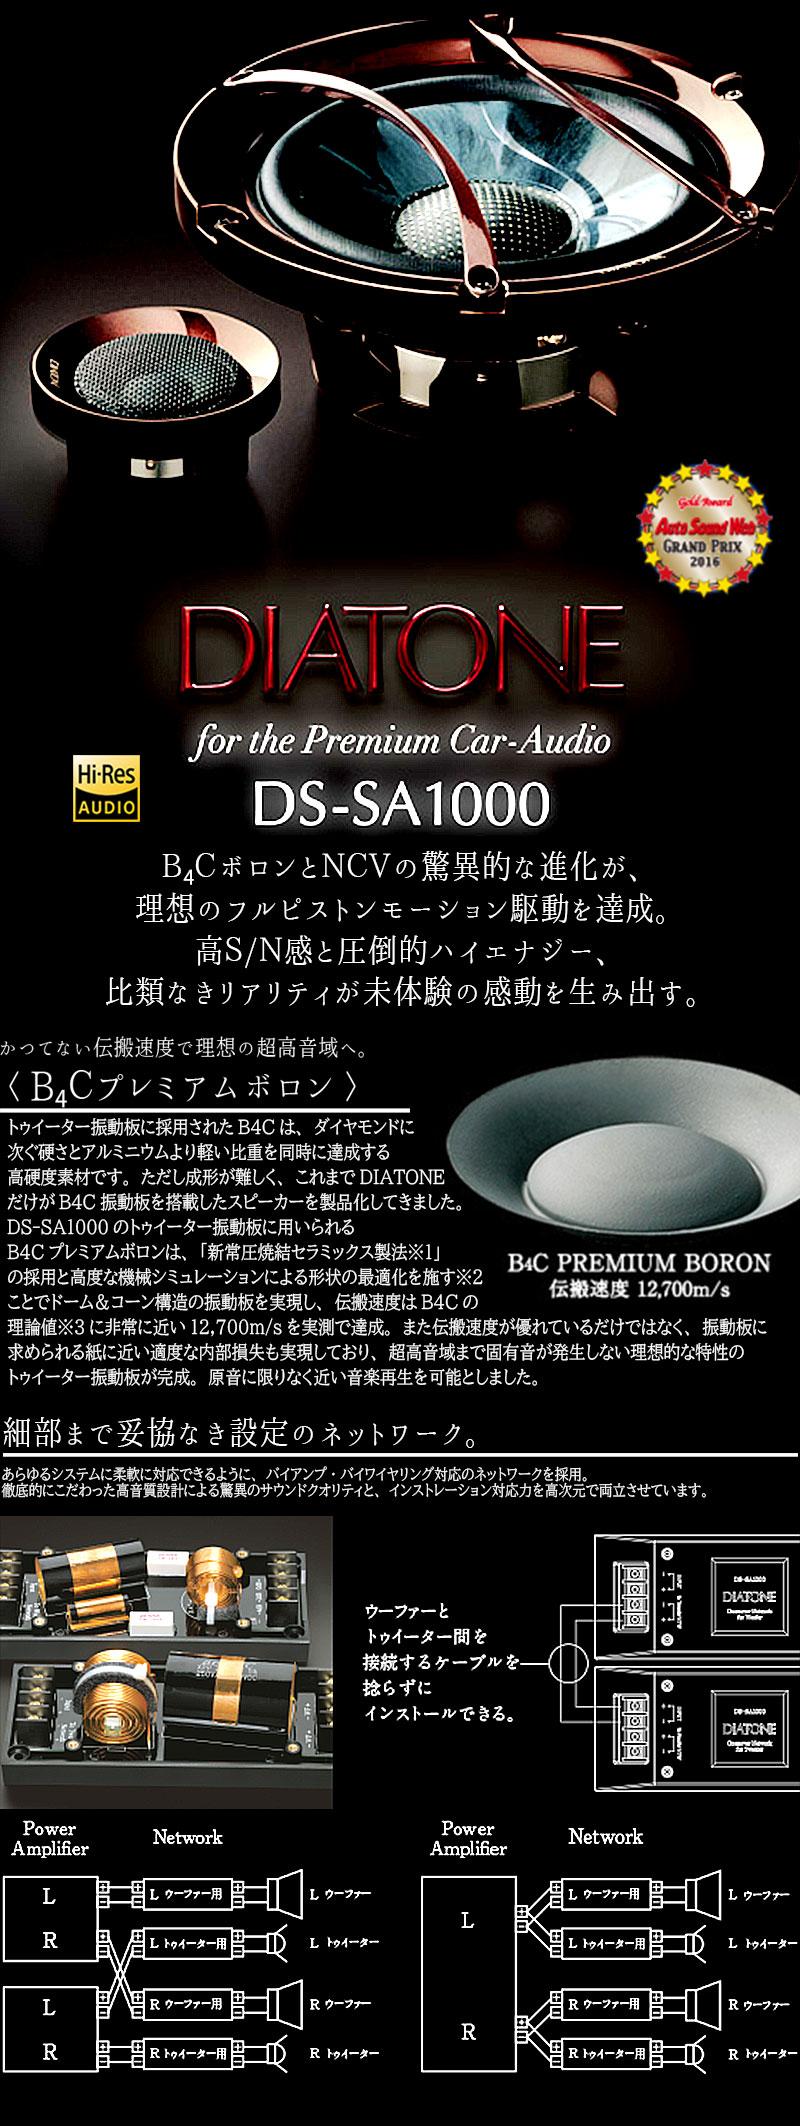 DS-SA1000